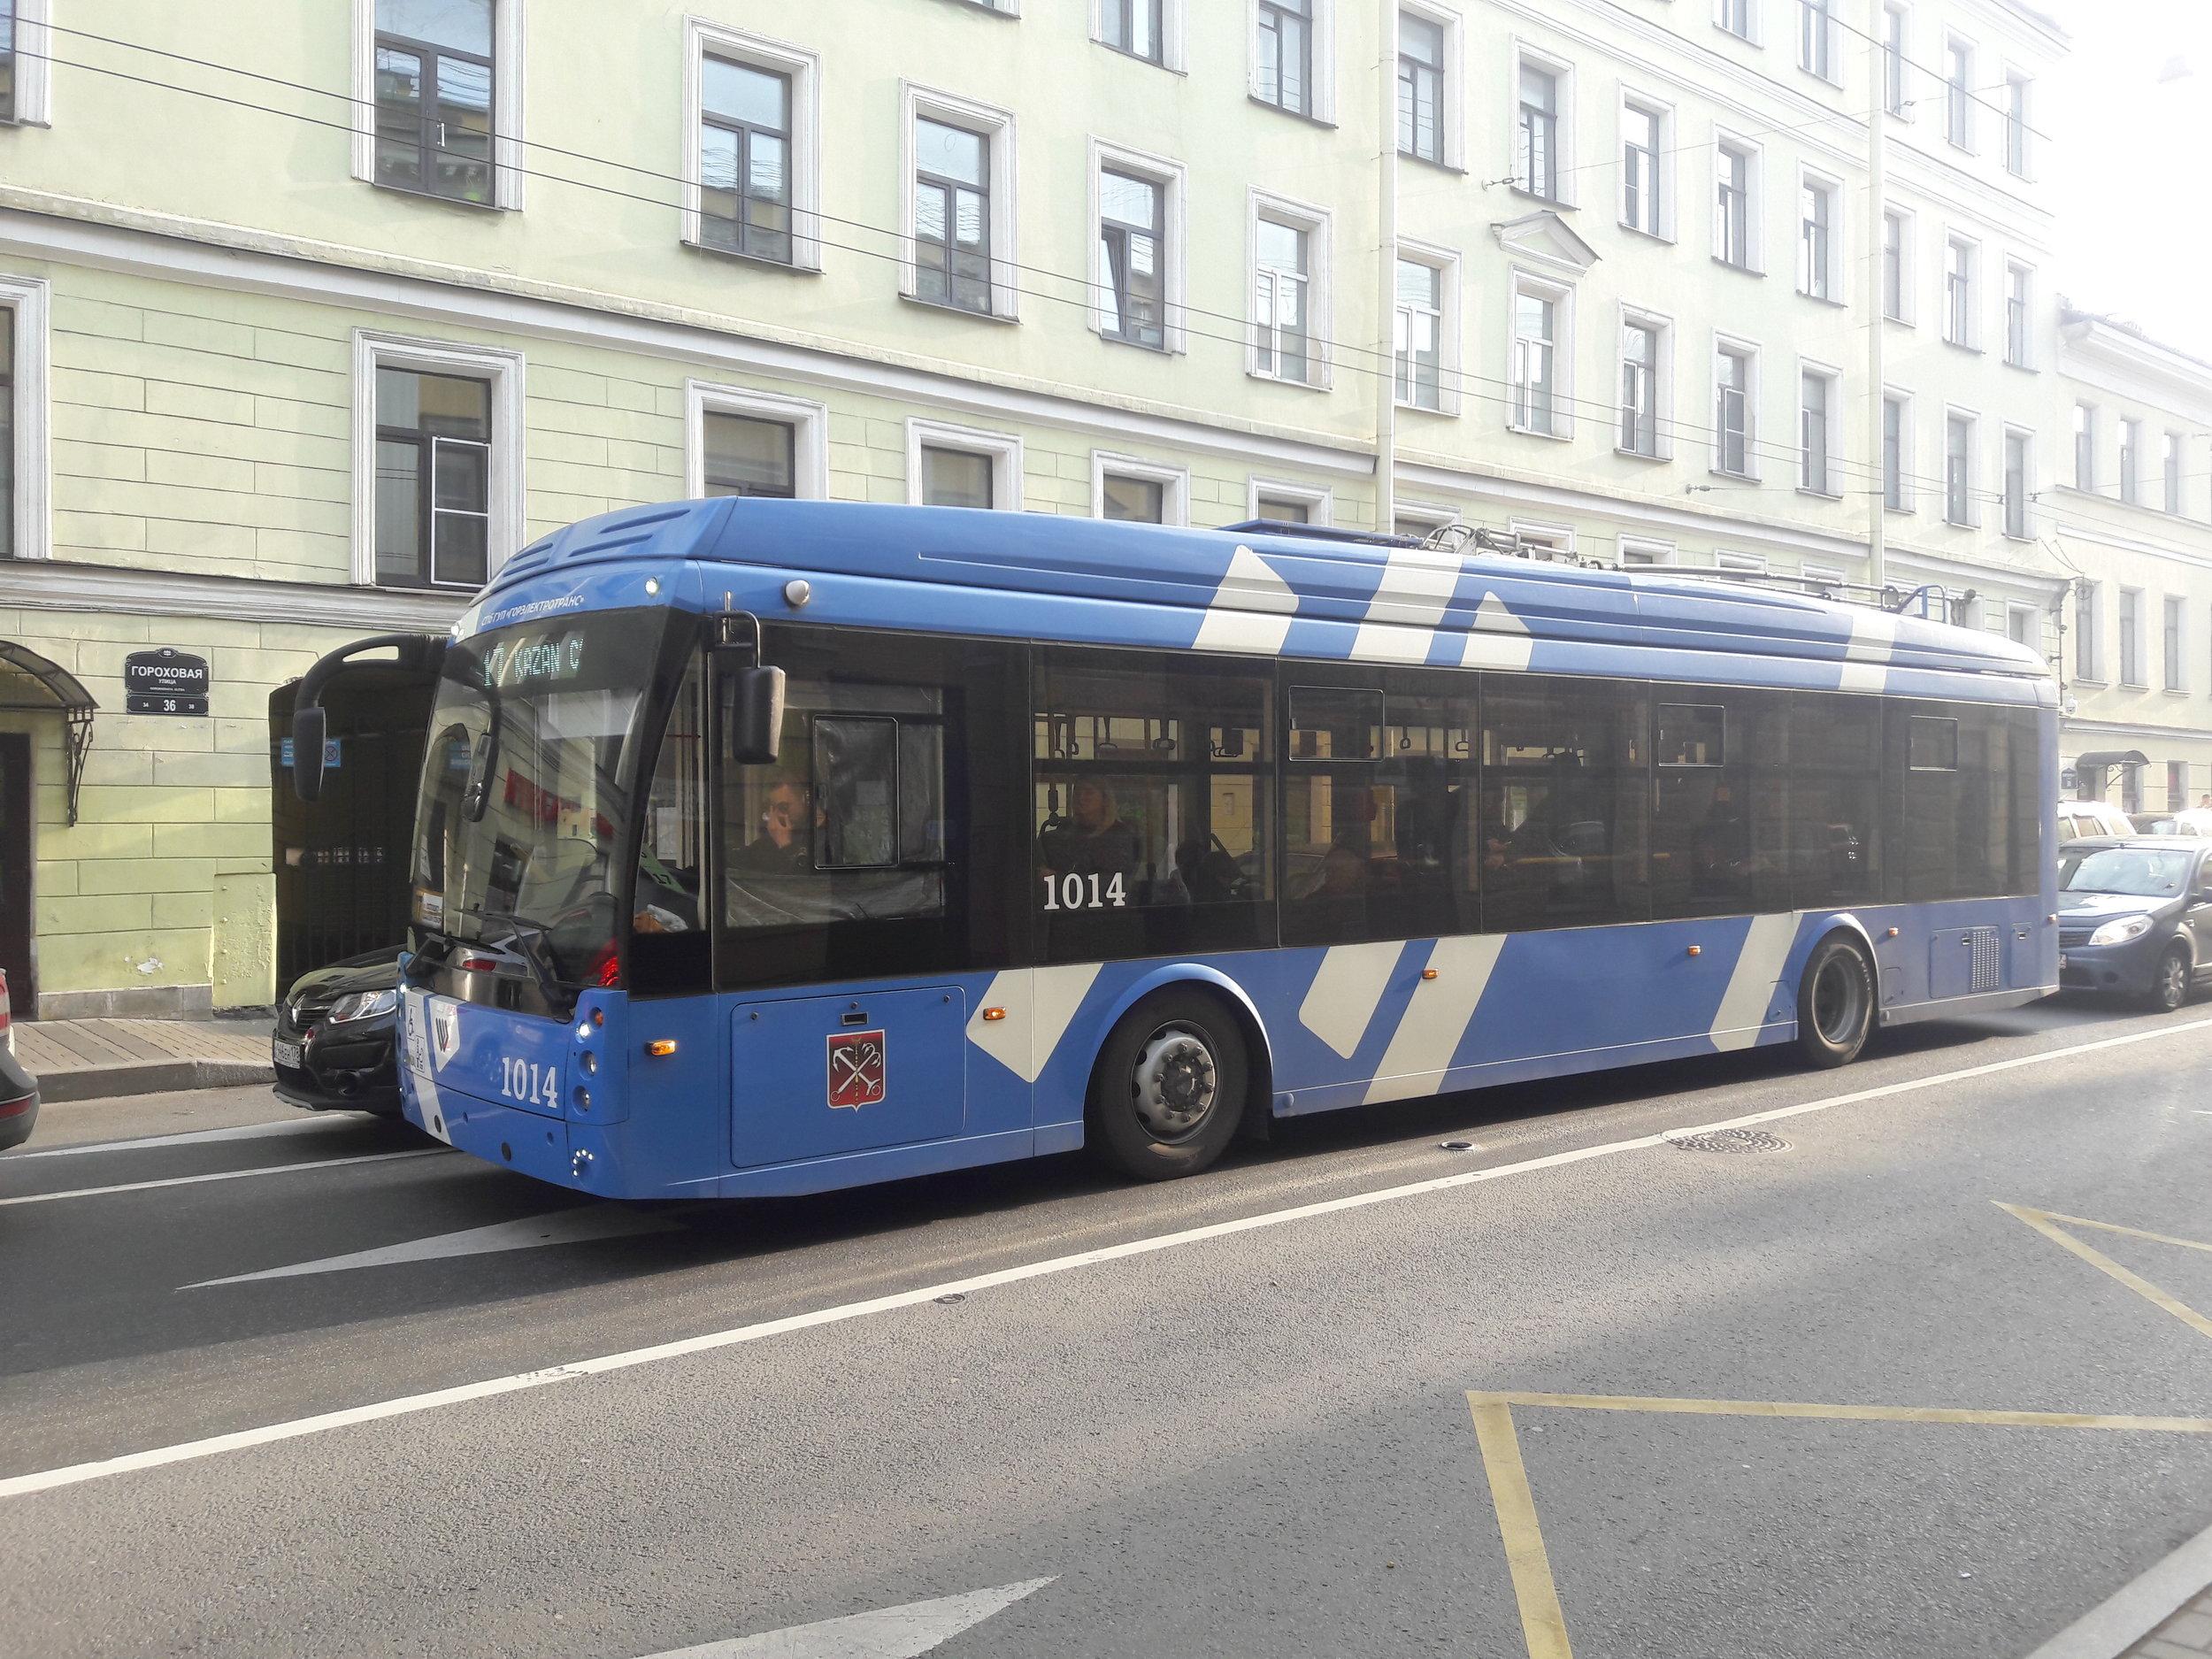 Linka č. 17 na Gorochovoj ulici. Kvůli 400 m trolejí, které se rozhodli v centru snést, musí být na tuto linku nasazovány parciální trolejbusy, ačkoli by mohly sloužit jinde. Sběrače přitom řidiči stahují mnohem dříve, než by bylo potřeba.